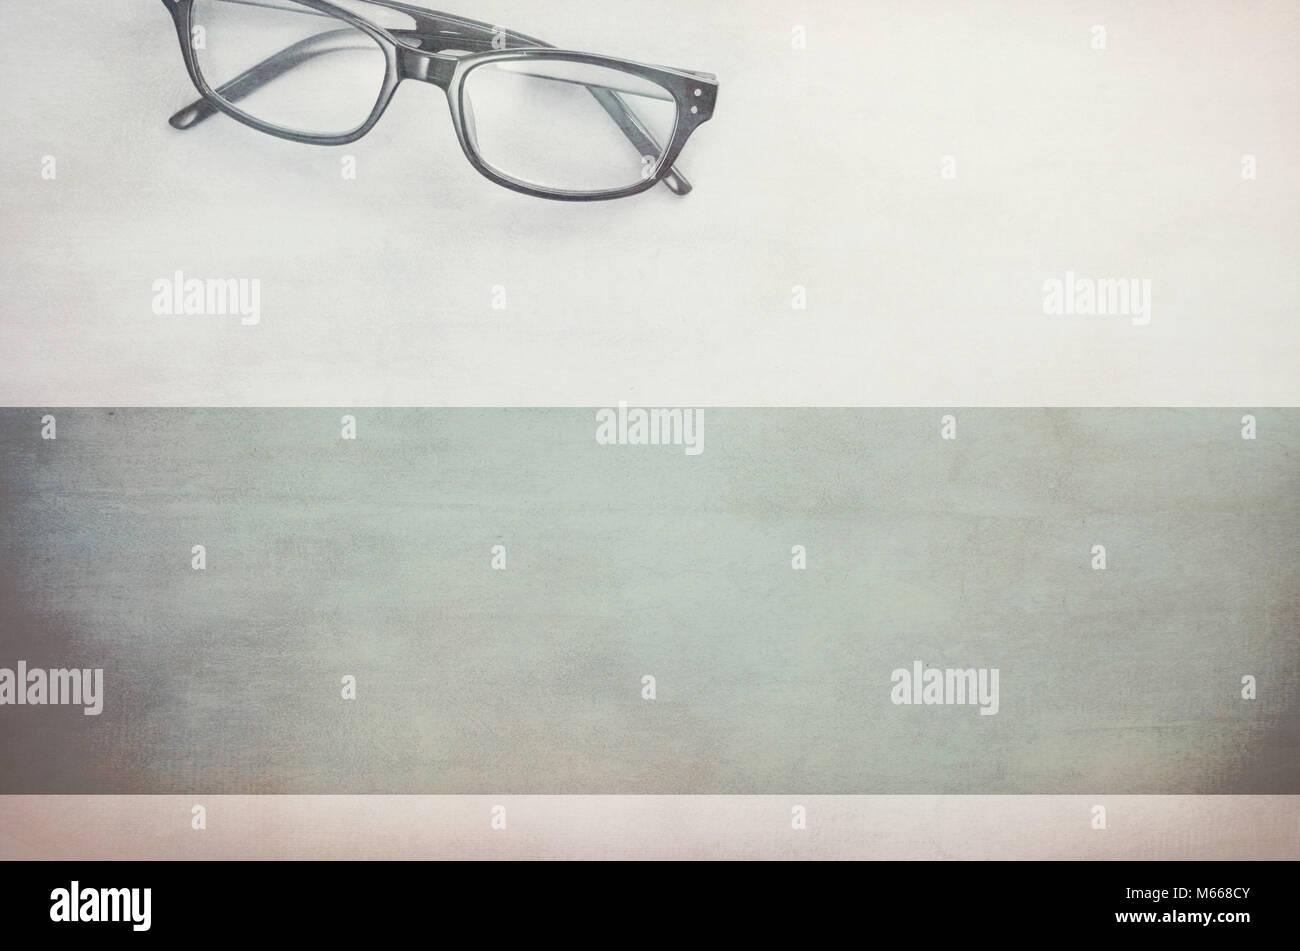 Paire de lunettes encadrées sur une surface à texture légère - directement au-dessus Photo Stock